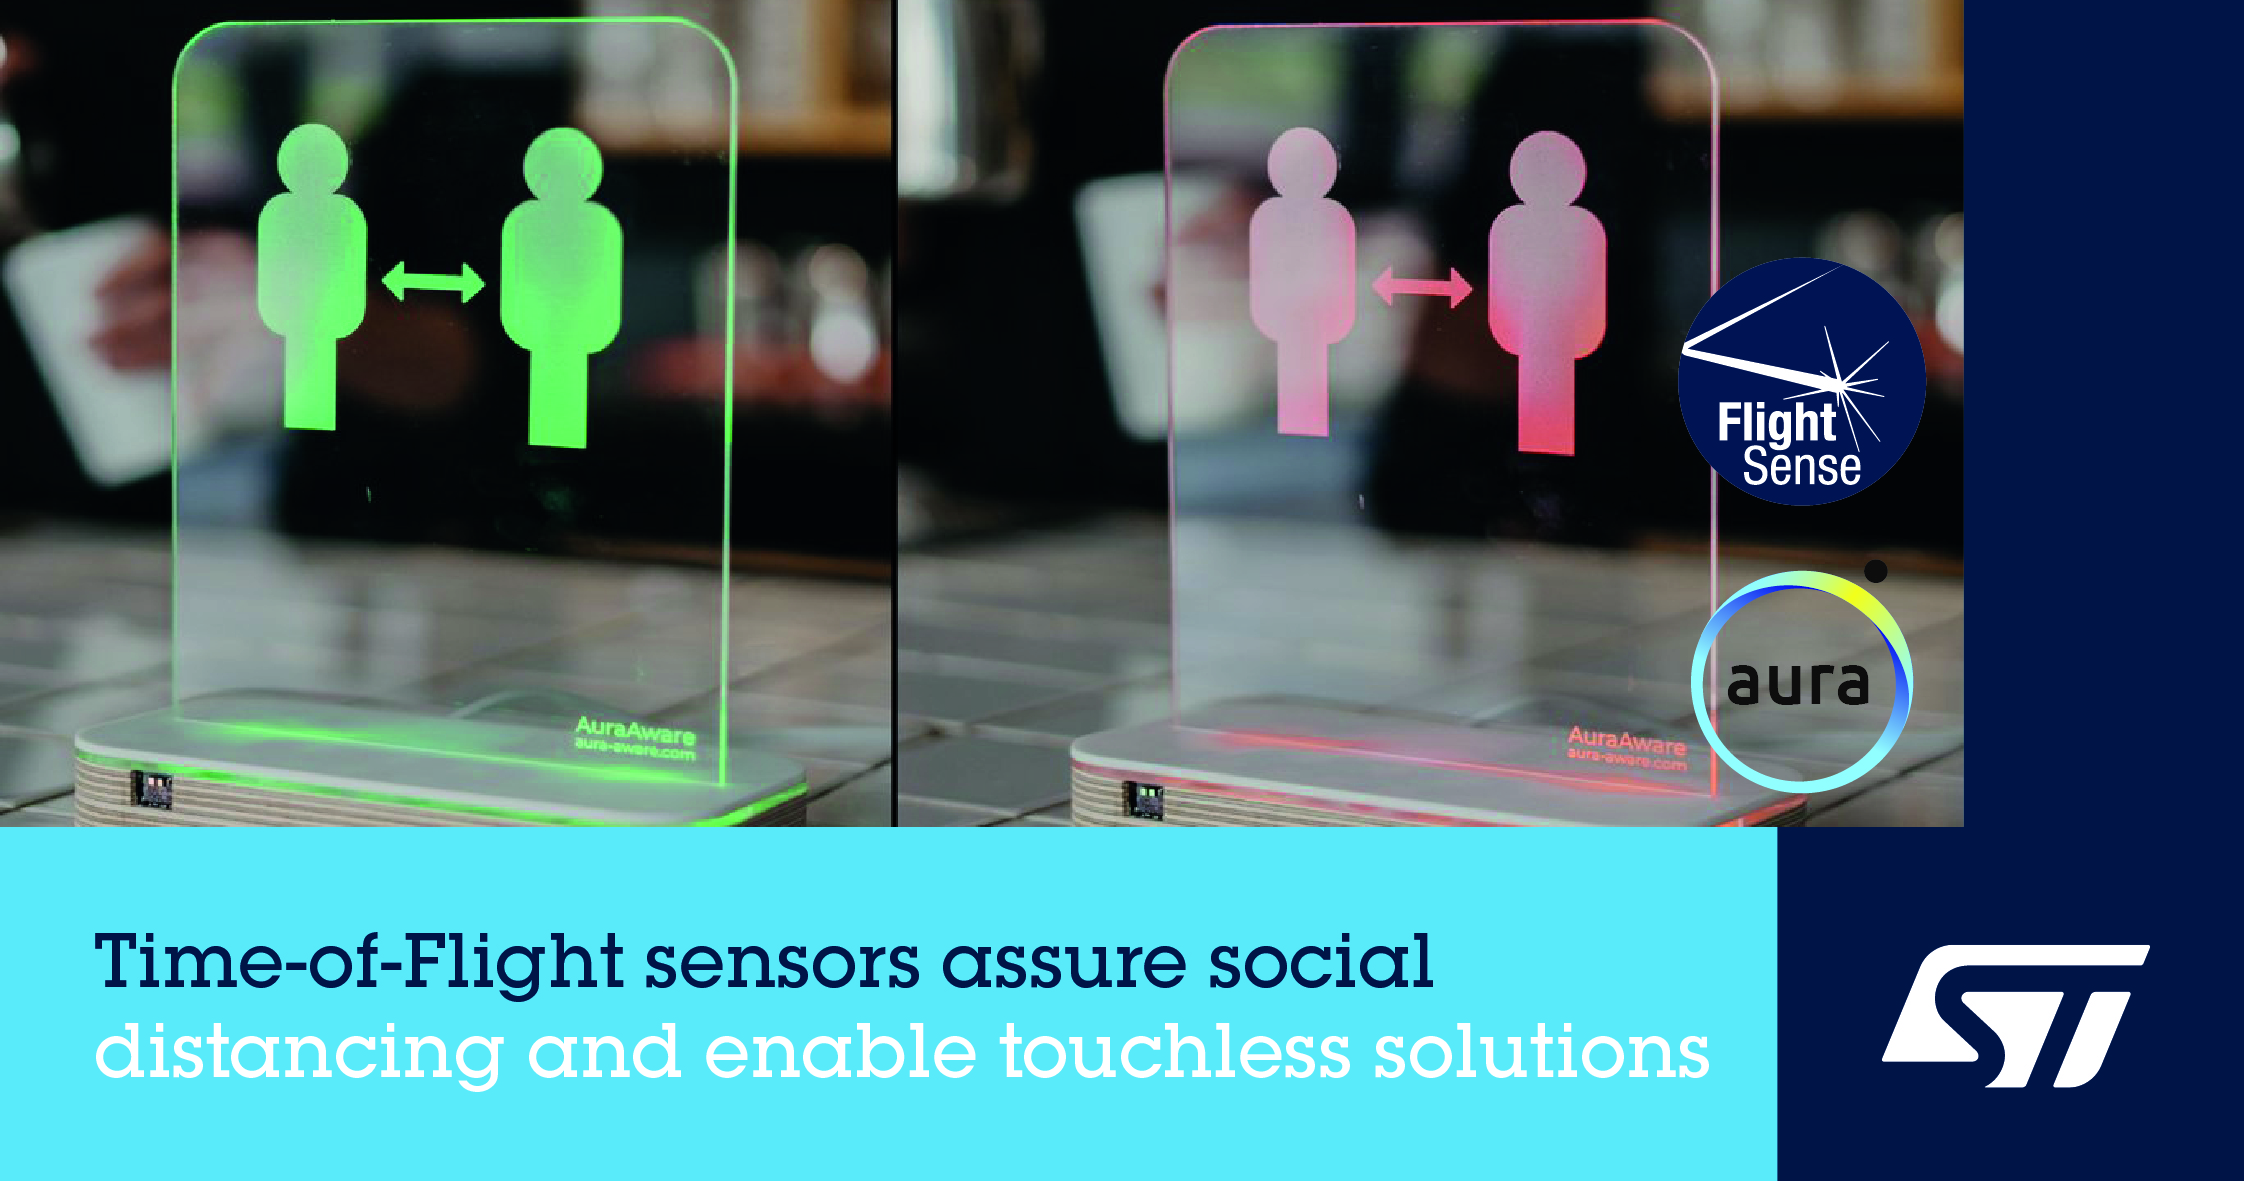 意法半导体FlightSense™飞行时间接近及检测传感器助力社交距离感知应用创新